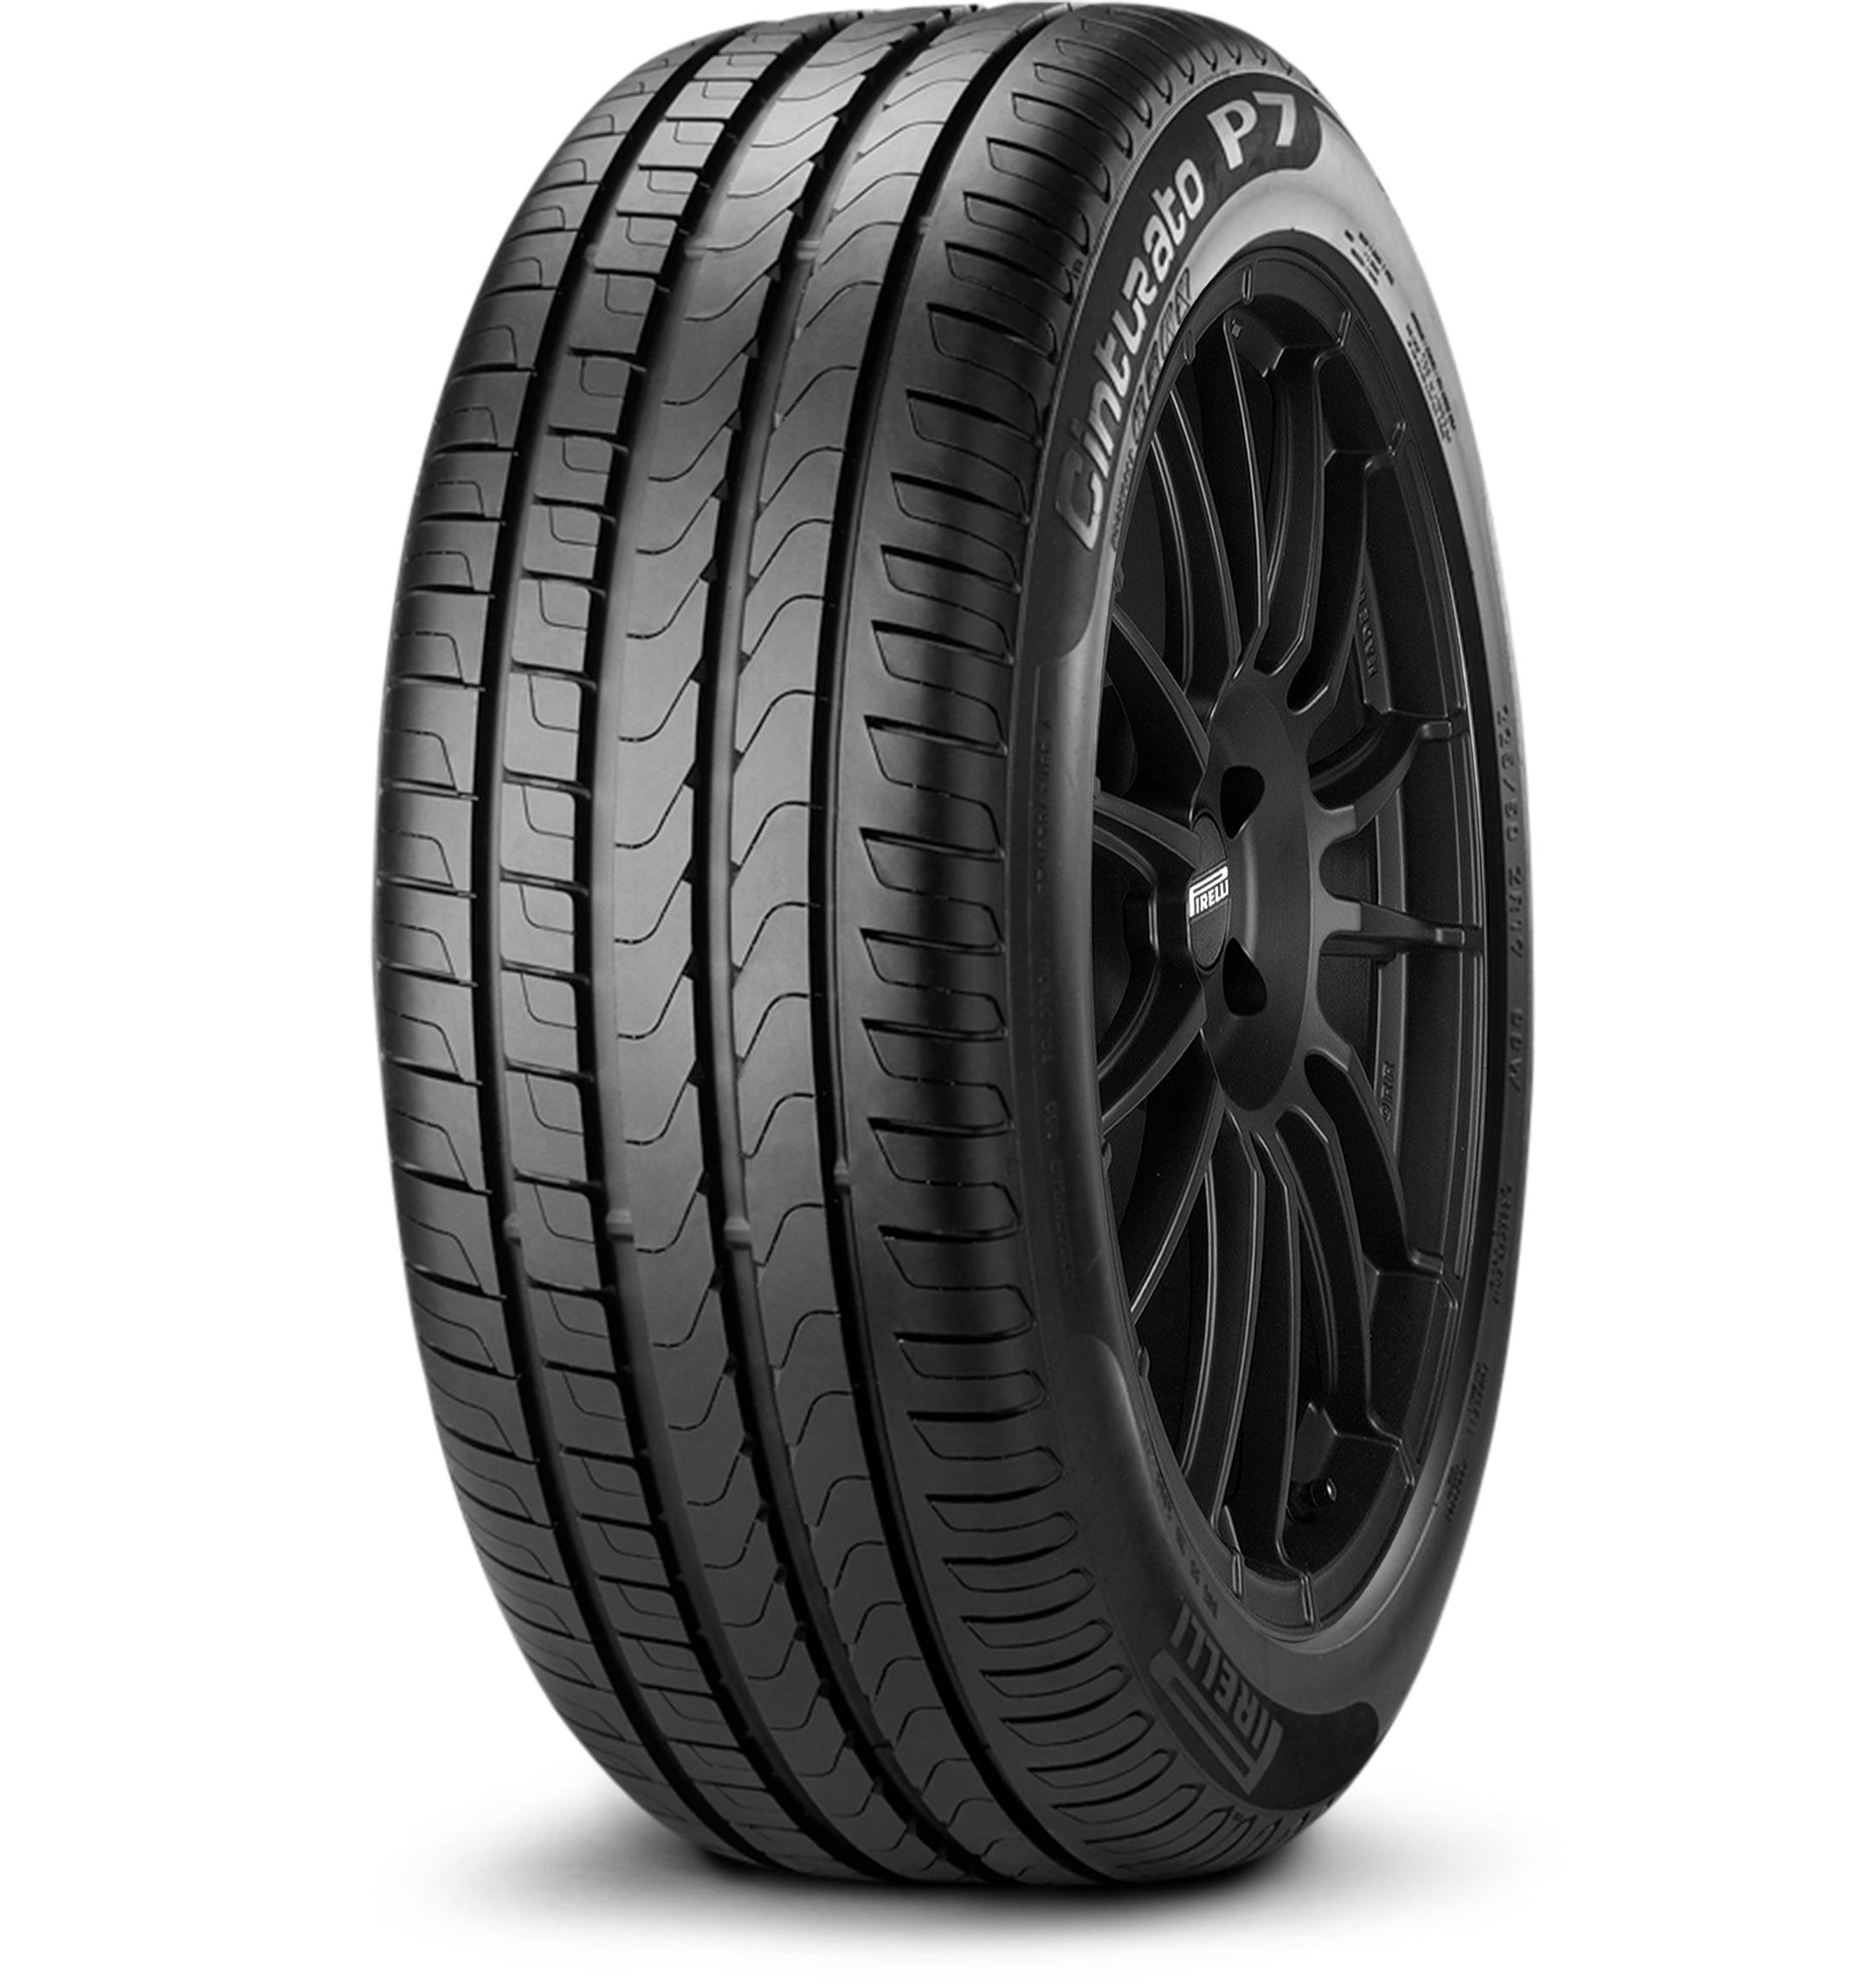 Pirelli Cinturato P7 205/55R16 91 V Tire